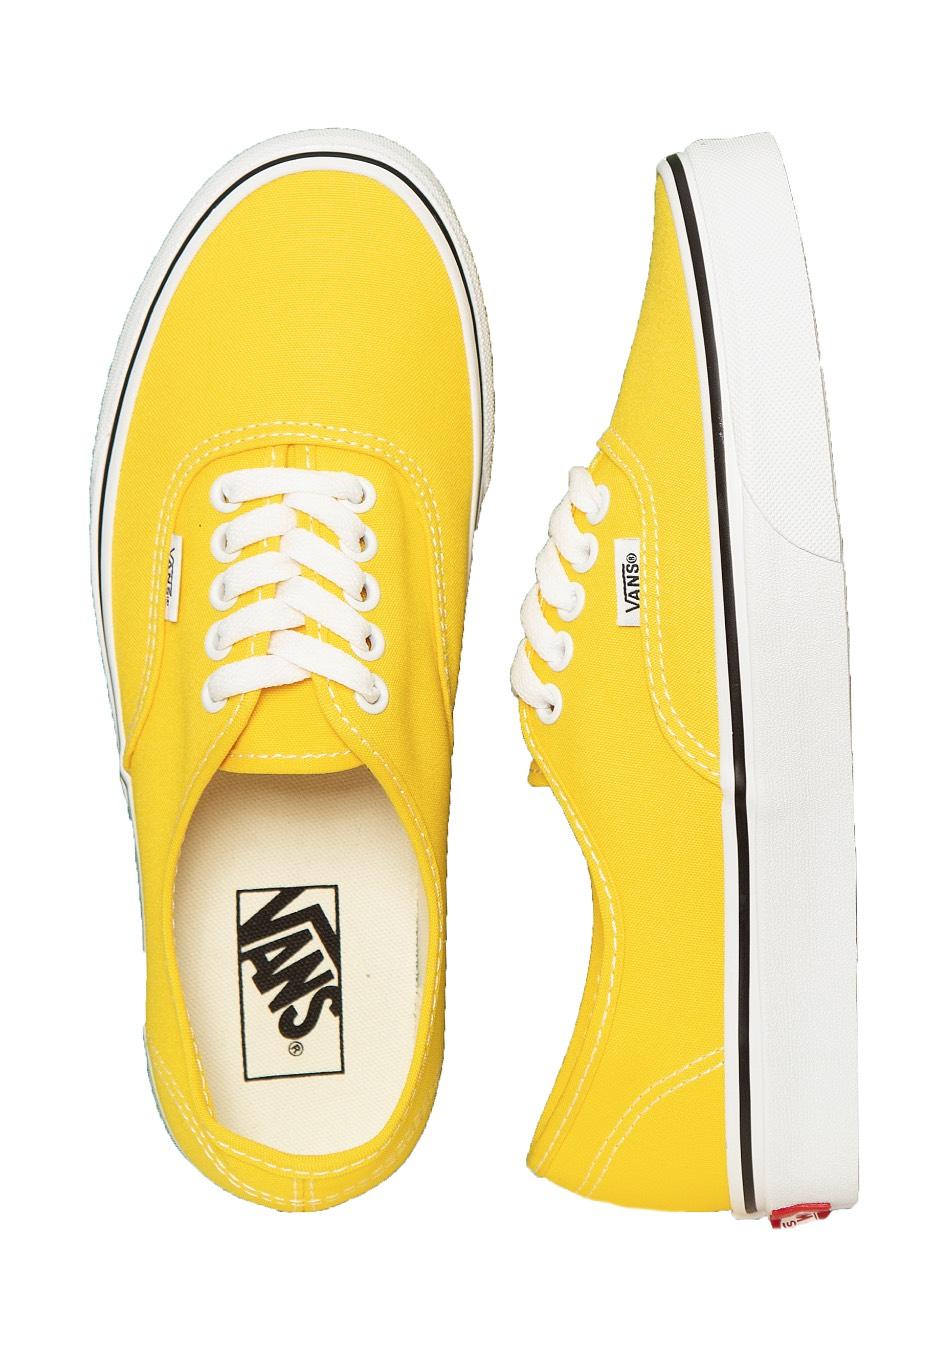 Vans Authentic Vibrant YellowTrue White Shoes